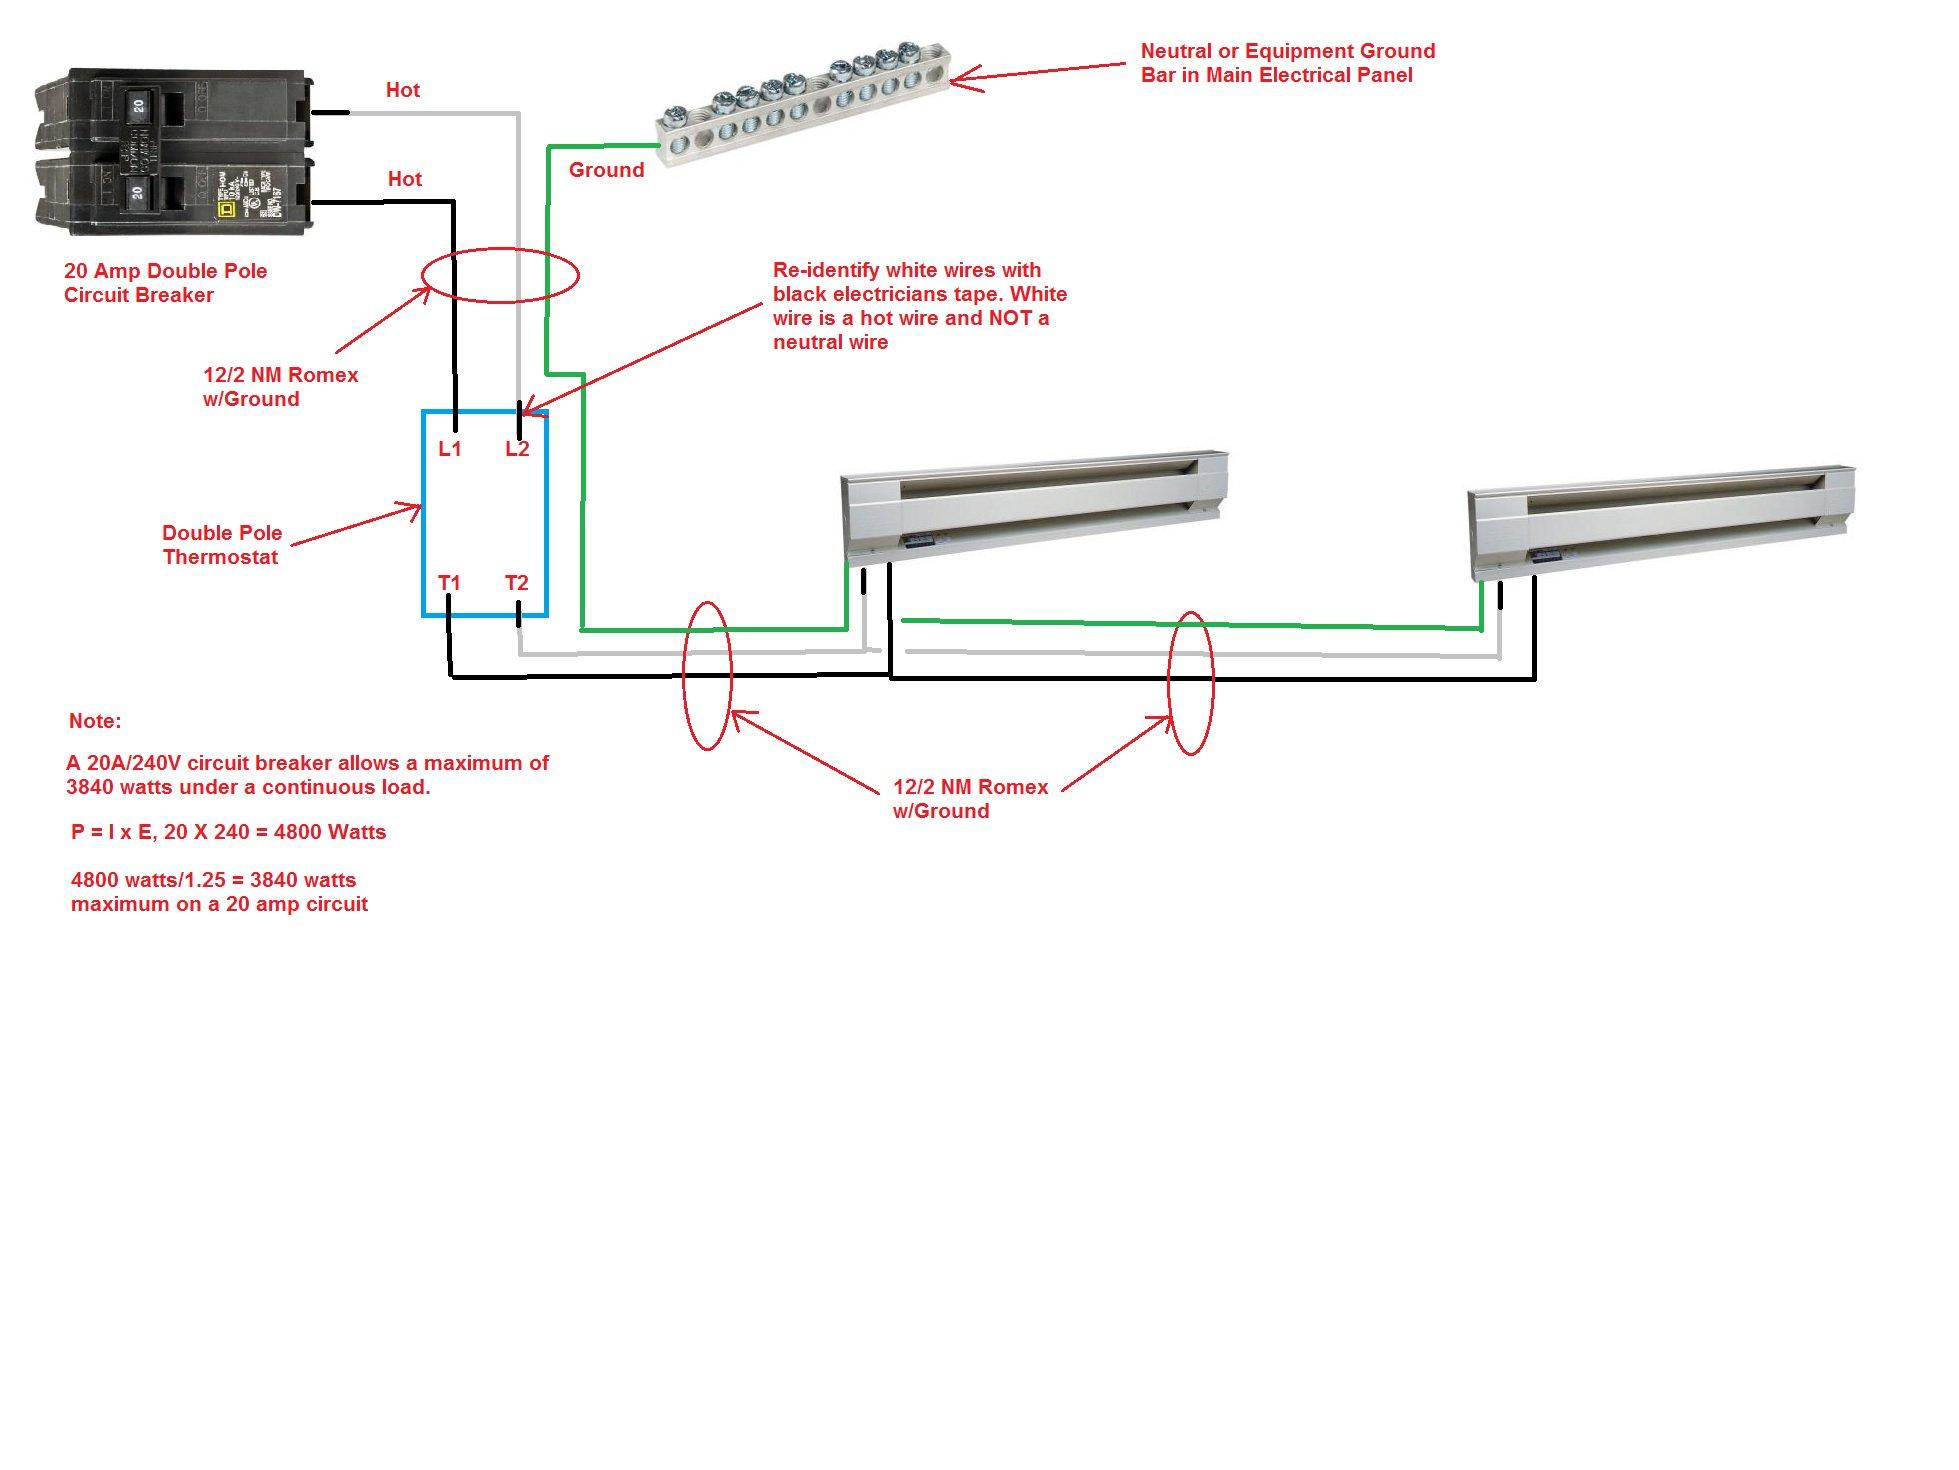 220 Baseboard Heater Wiring Diagram | Wiring Diagram - Baseboard Heater Wiring Diagram